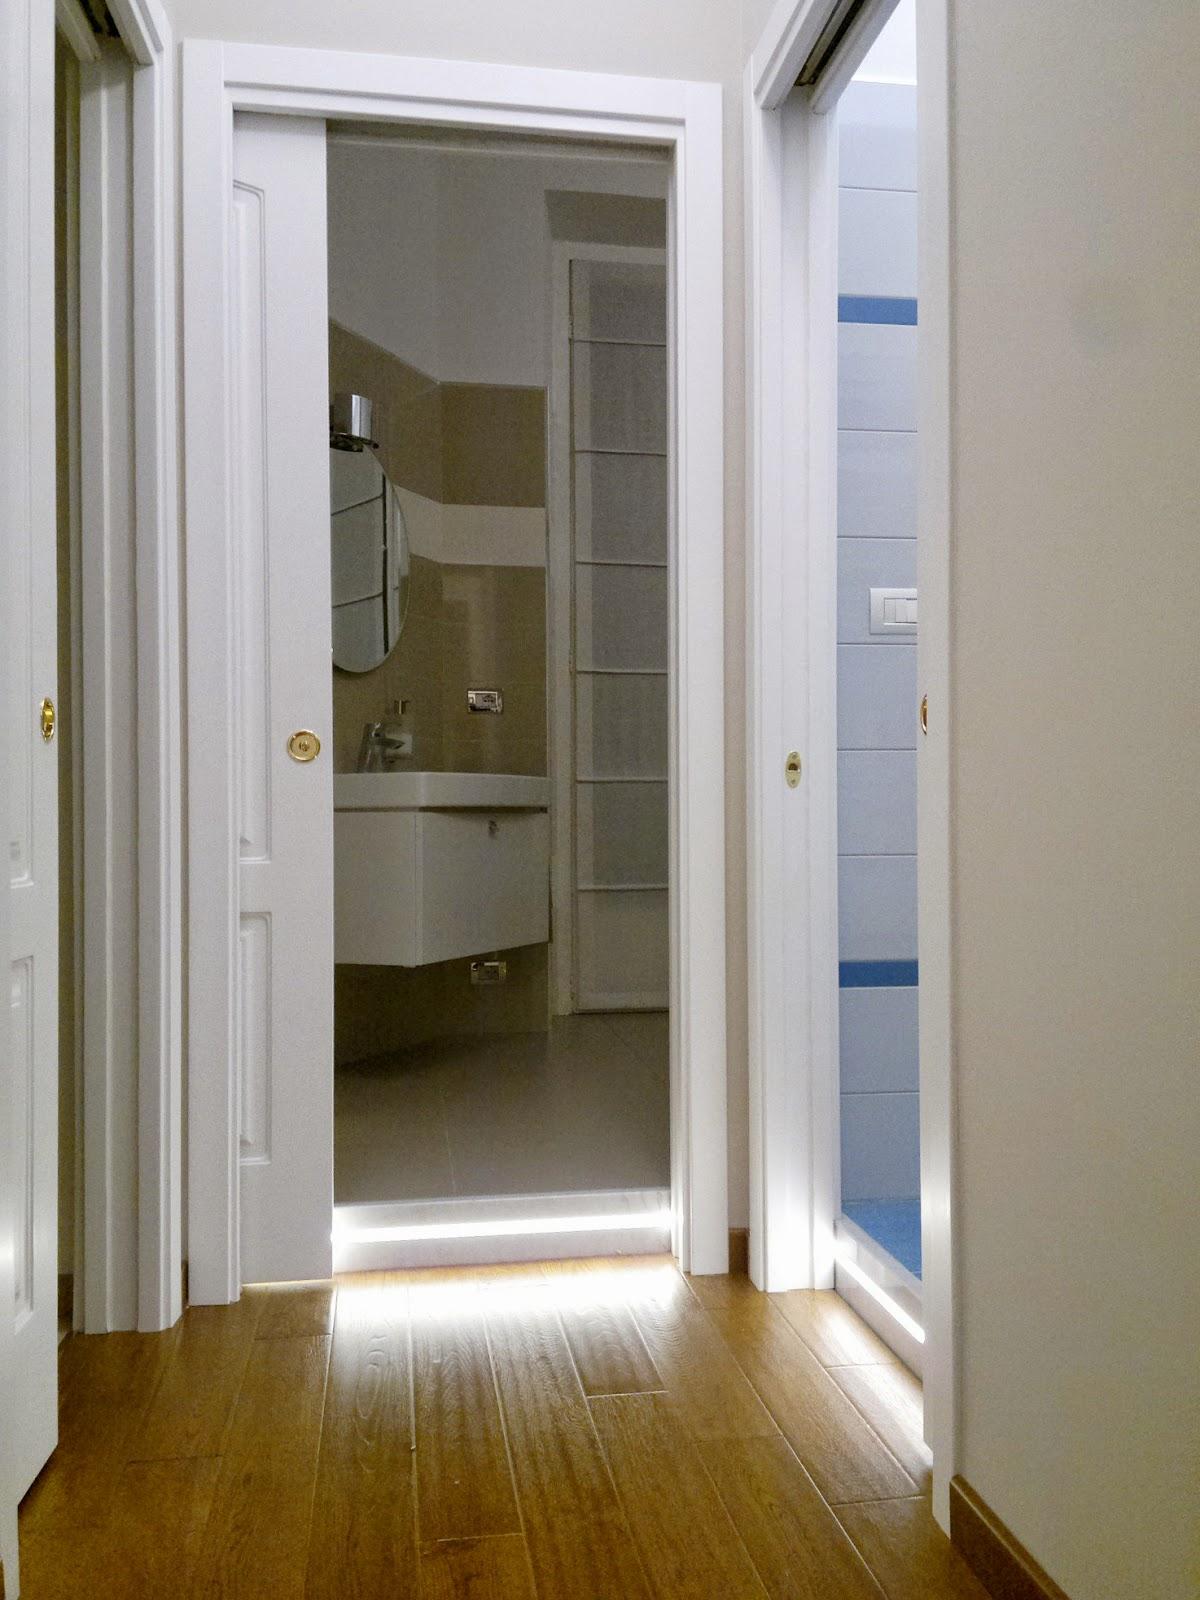 Illuminazione Salotto Con Travi A Vista: Illuminazione led ...